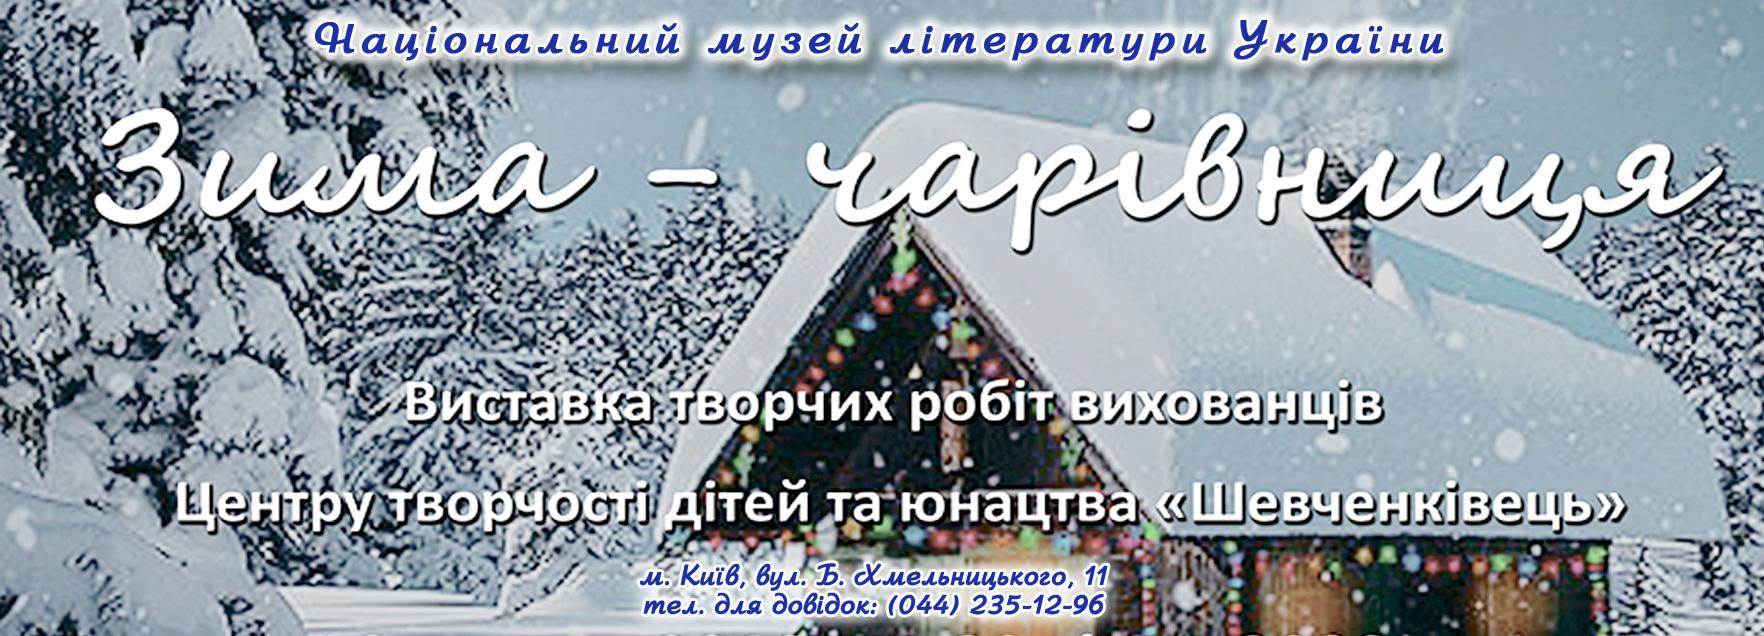 Виставка «Зима чарівниця»